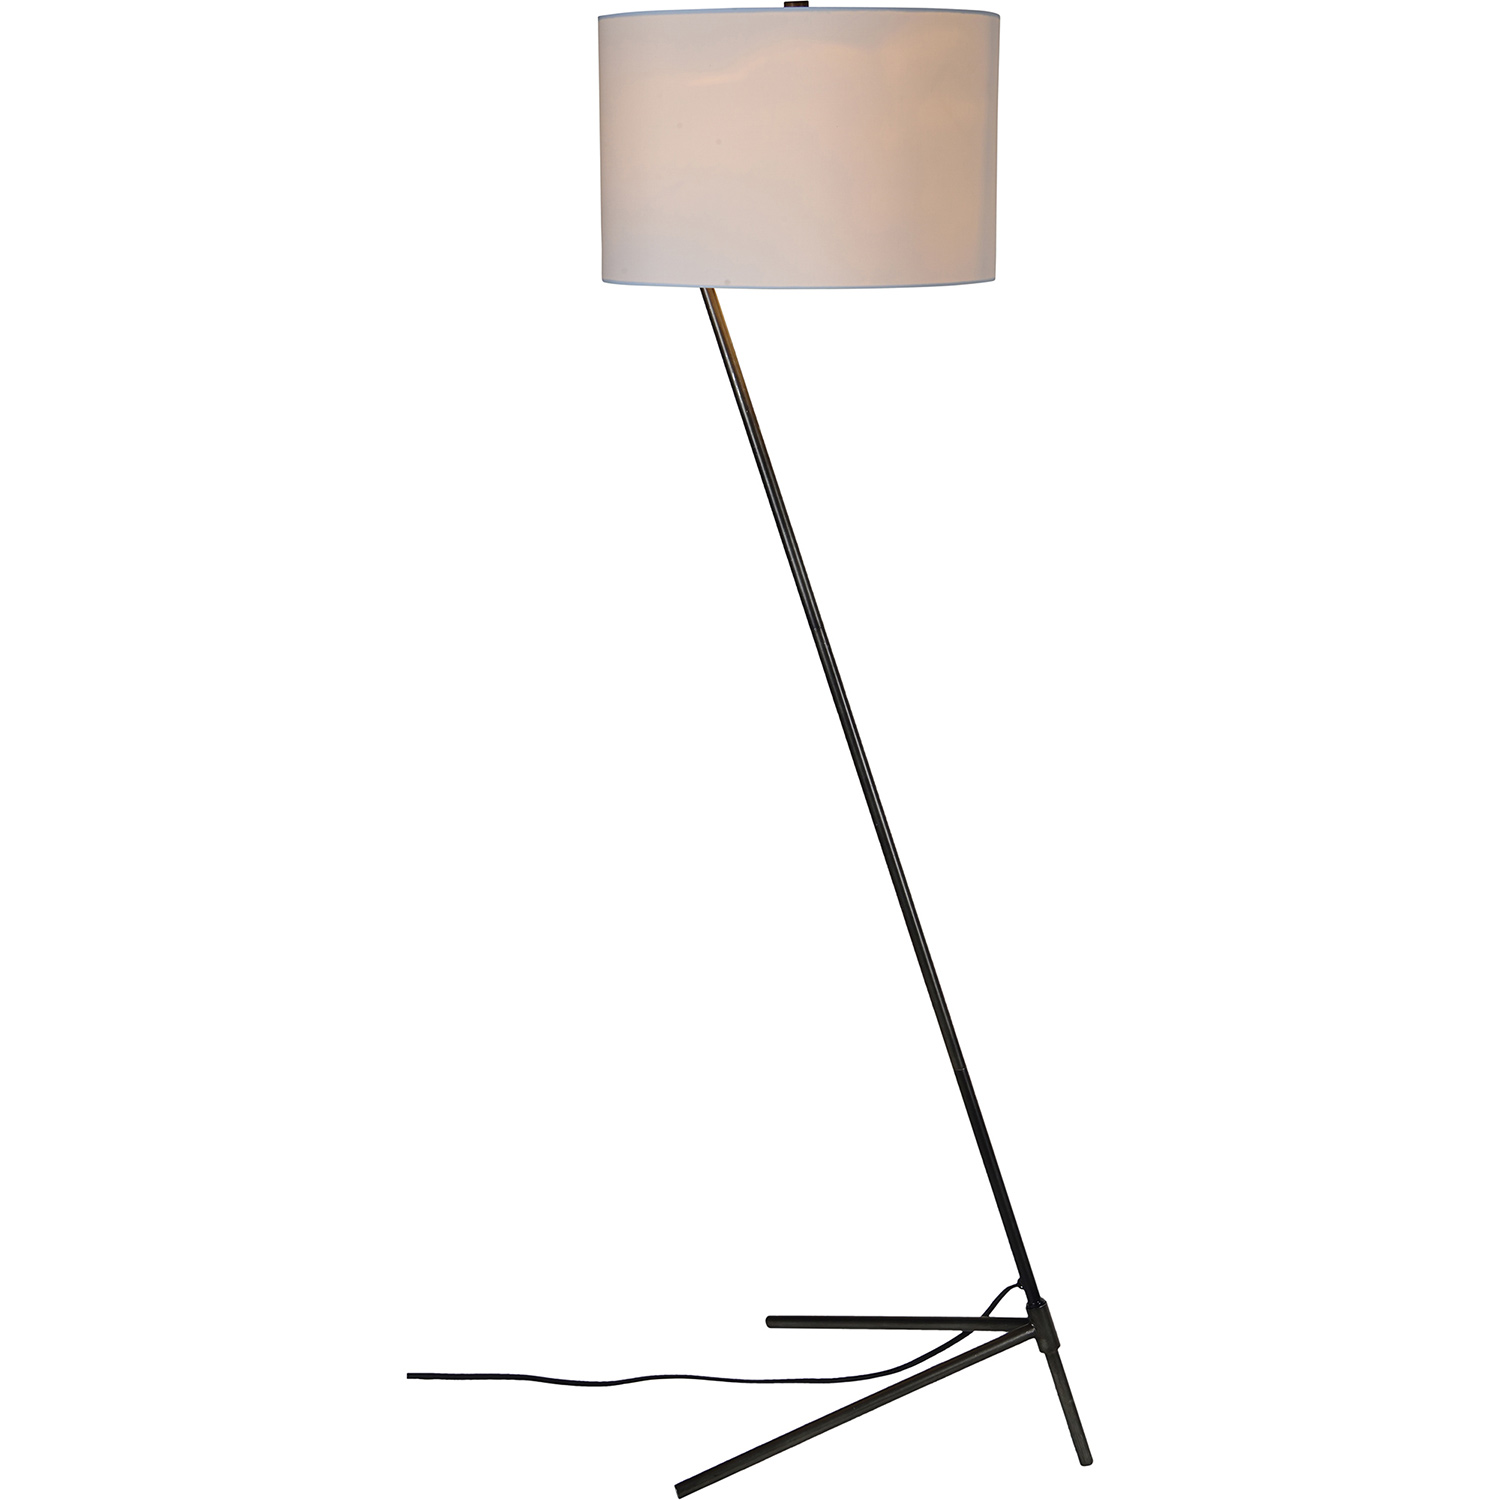 Ren-Wil Howden Floor Lamp - Graphite Grey